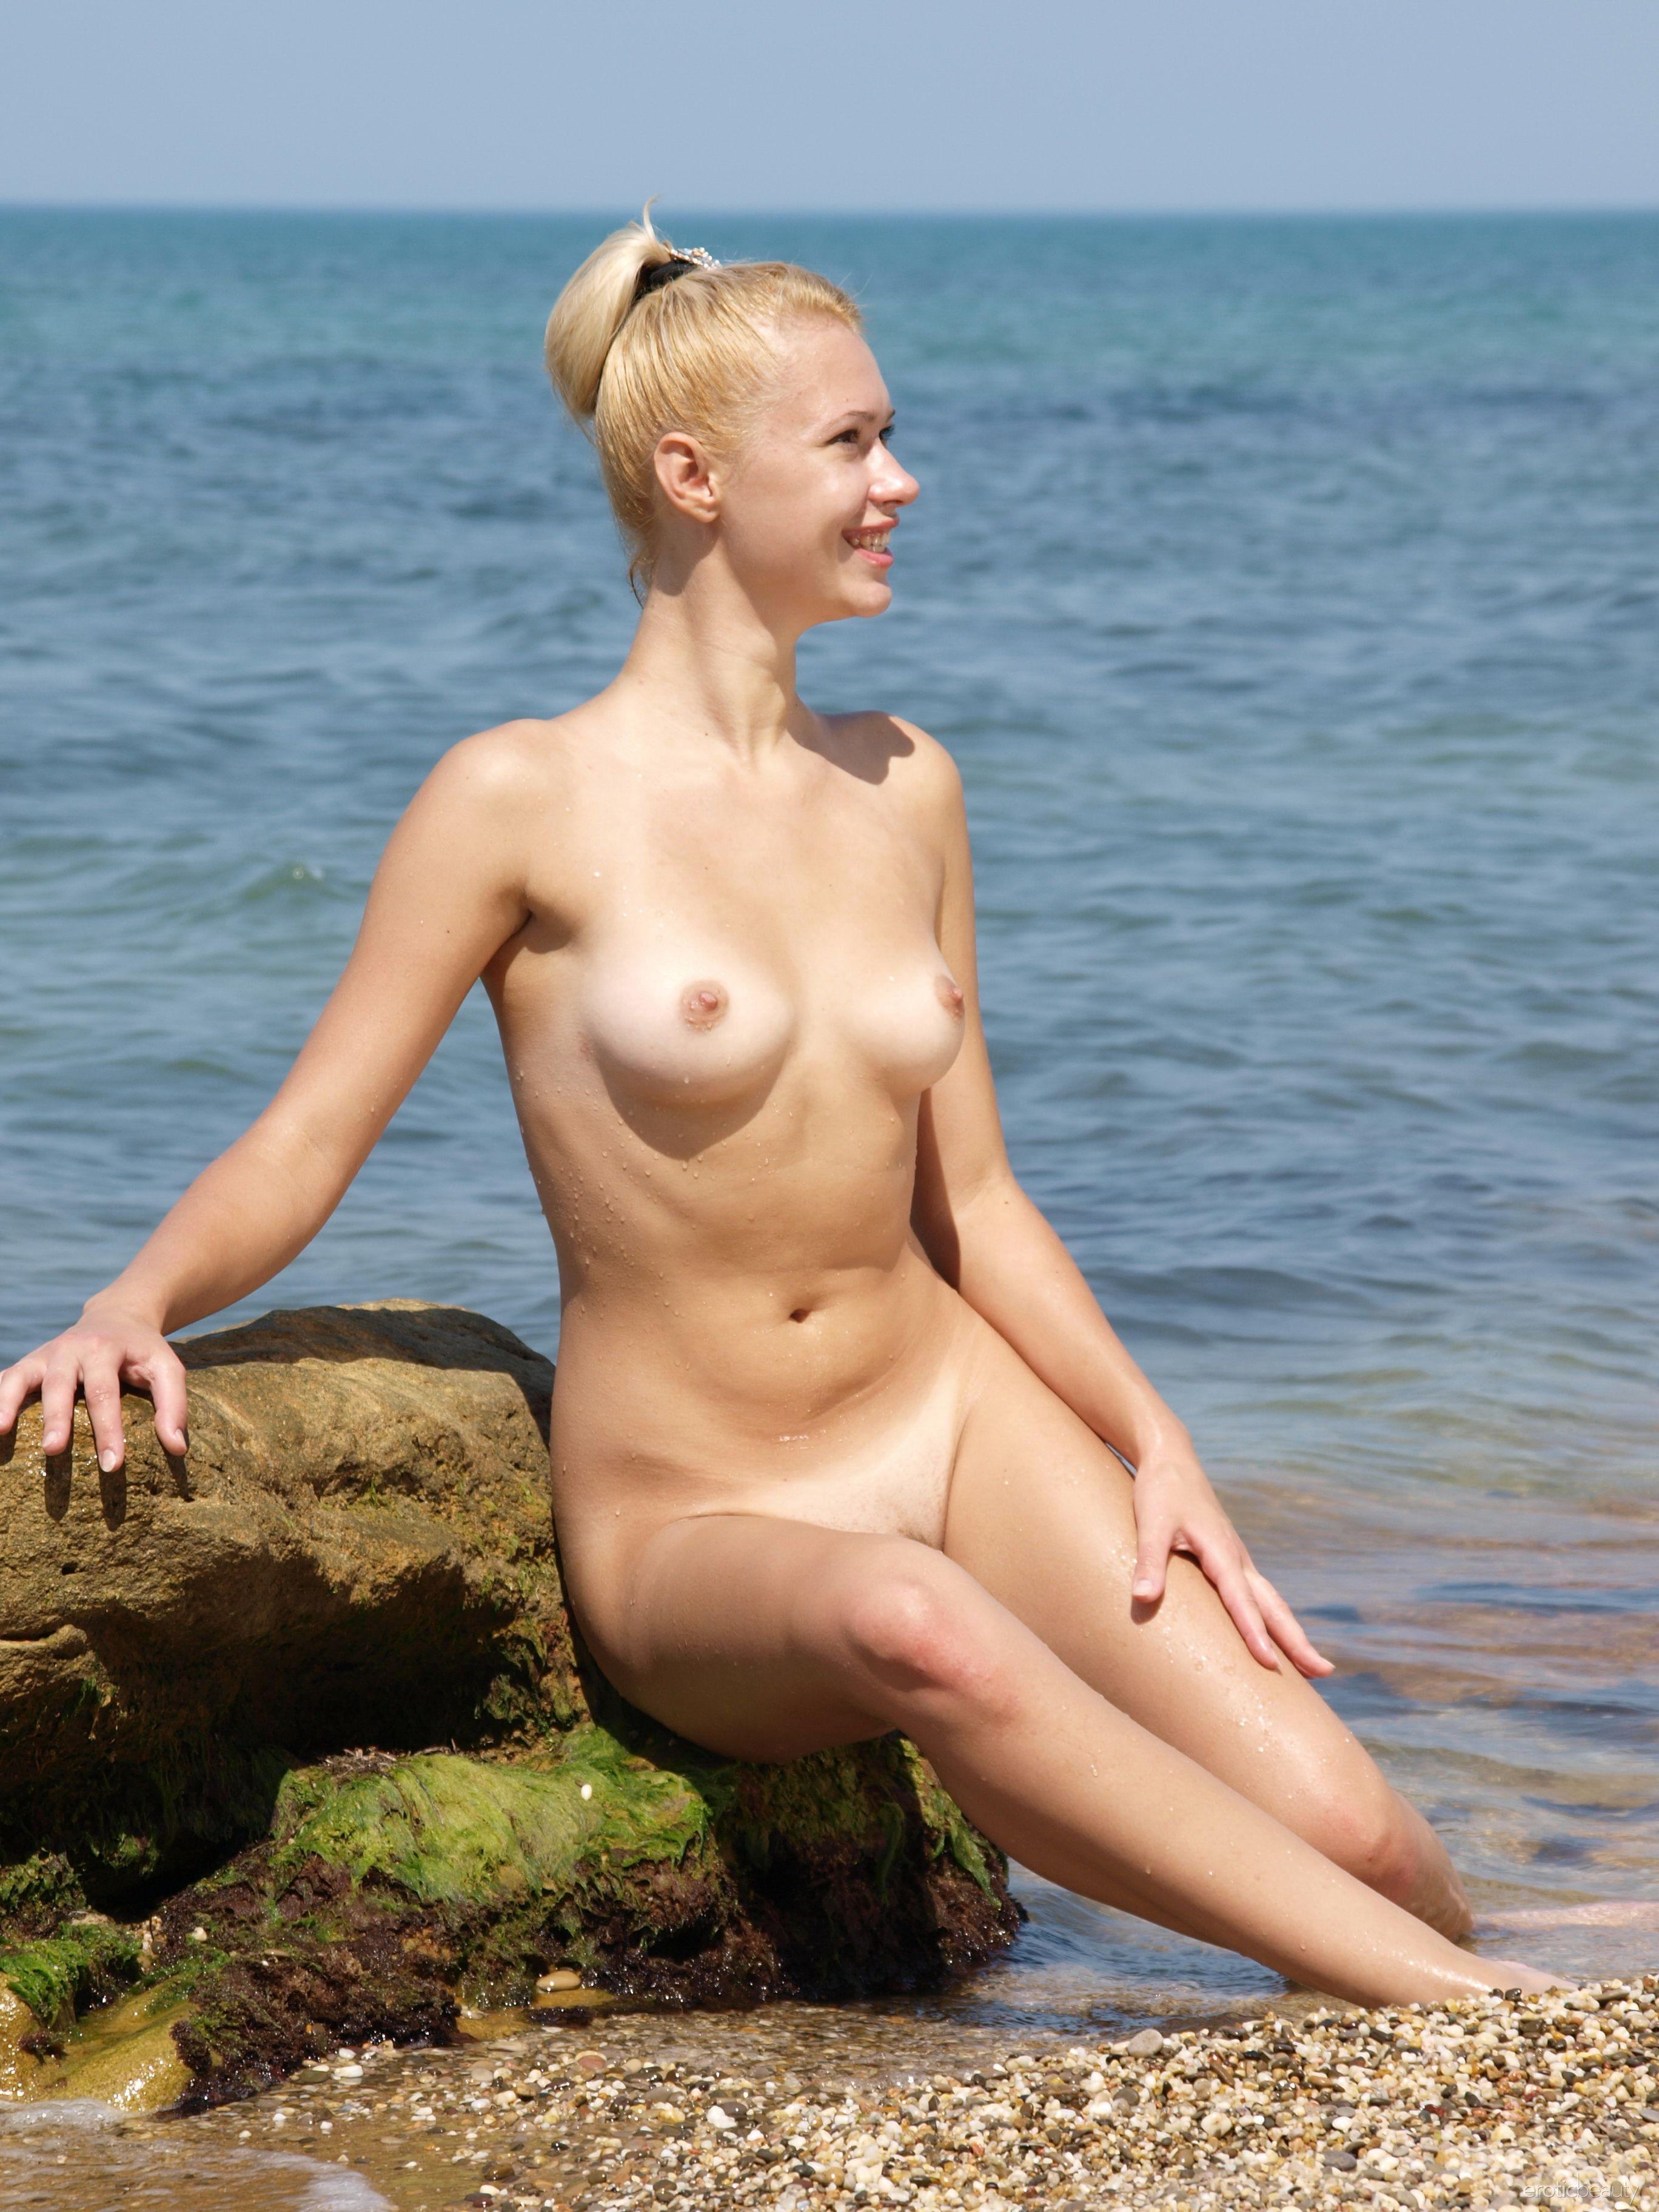 http://i1.imageban.ru/out/2014/02/06/4b178eb8e40dda9f7ddf5b7c6fa68e92.jpg